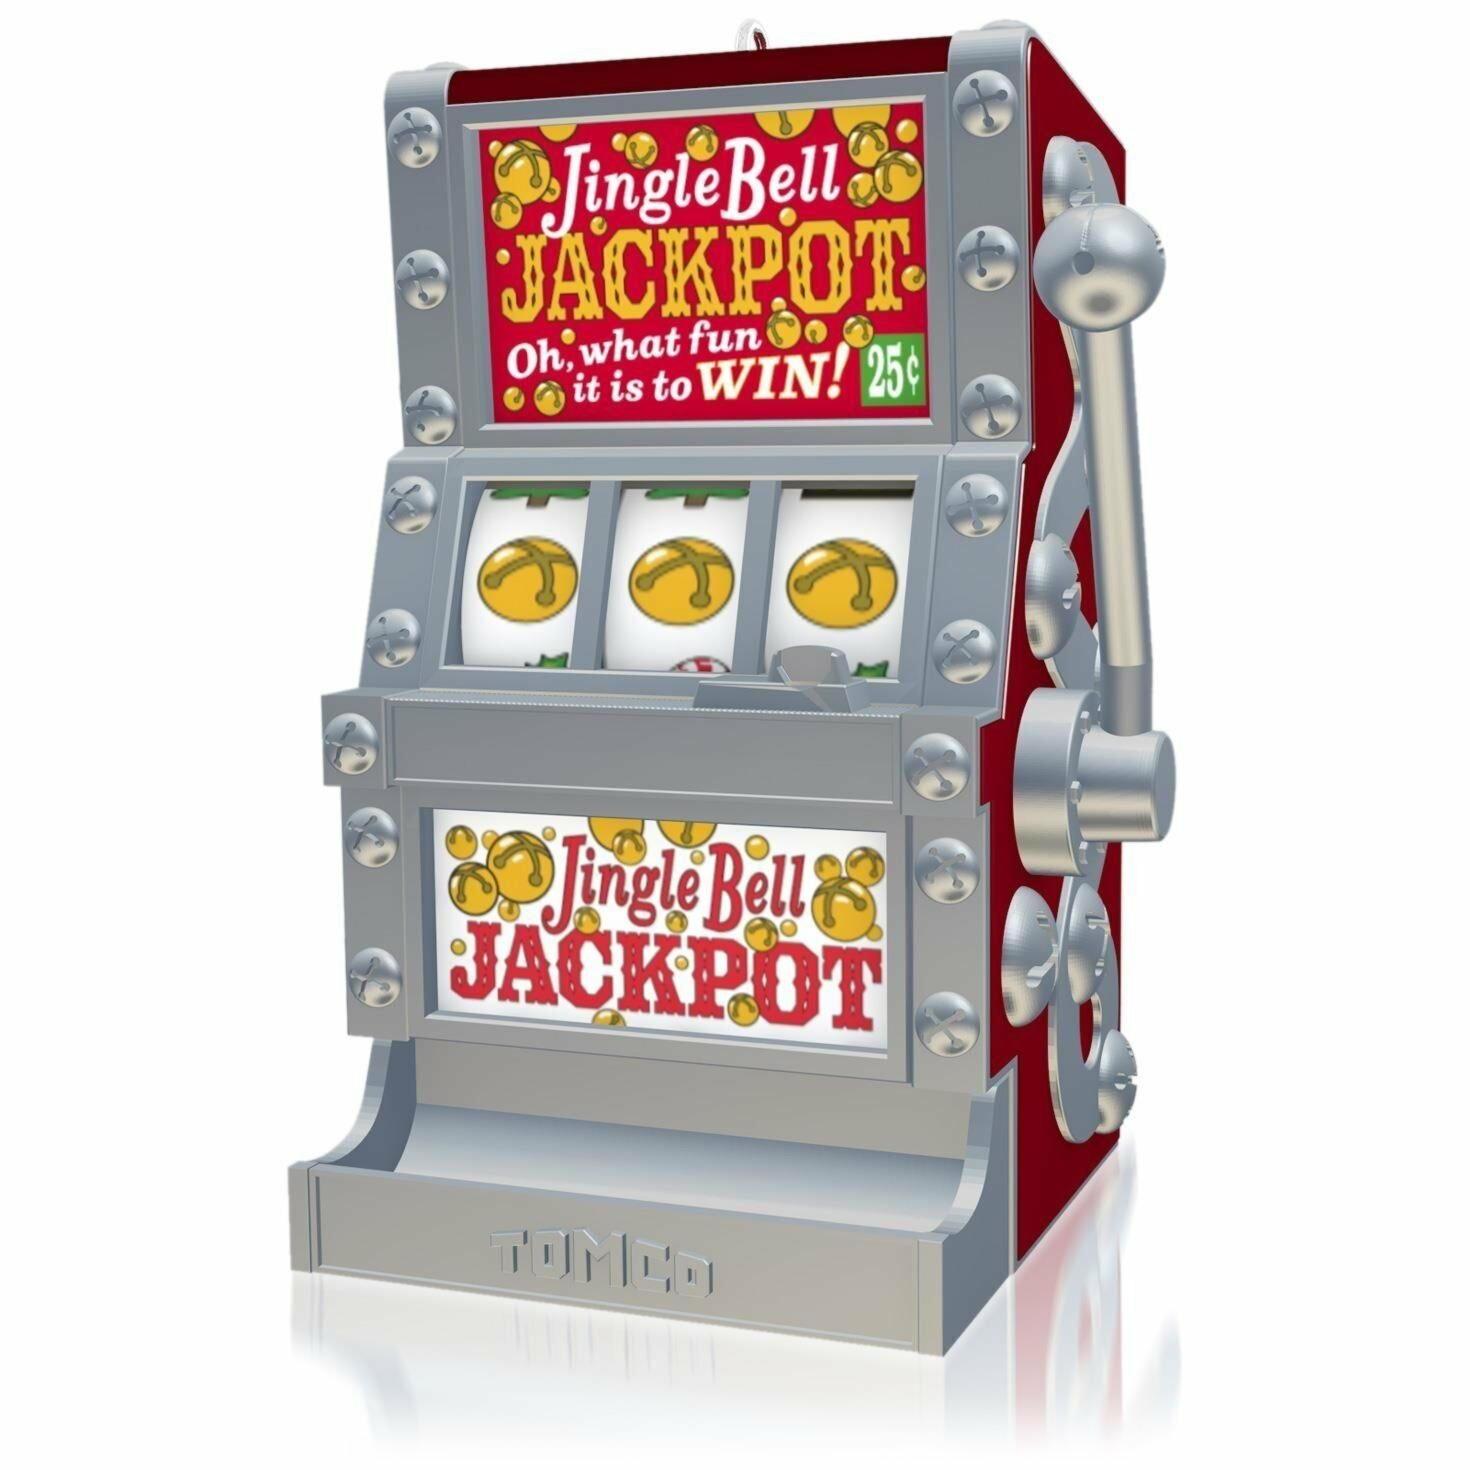 15 Free spins no deposit casino at Ikibu